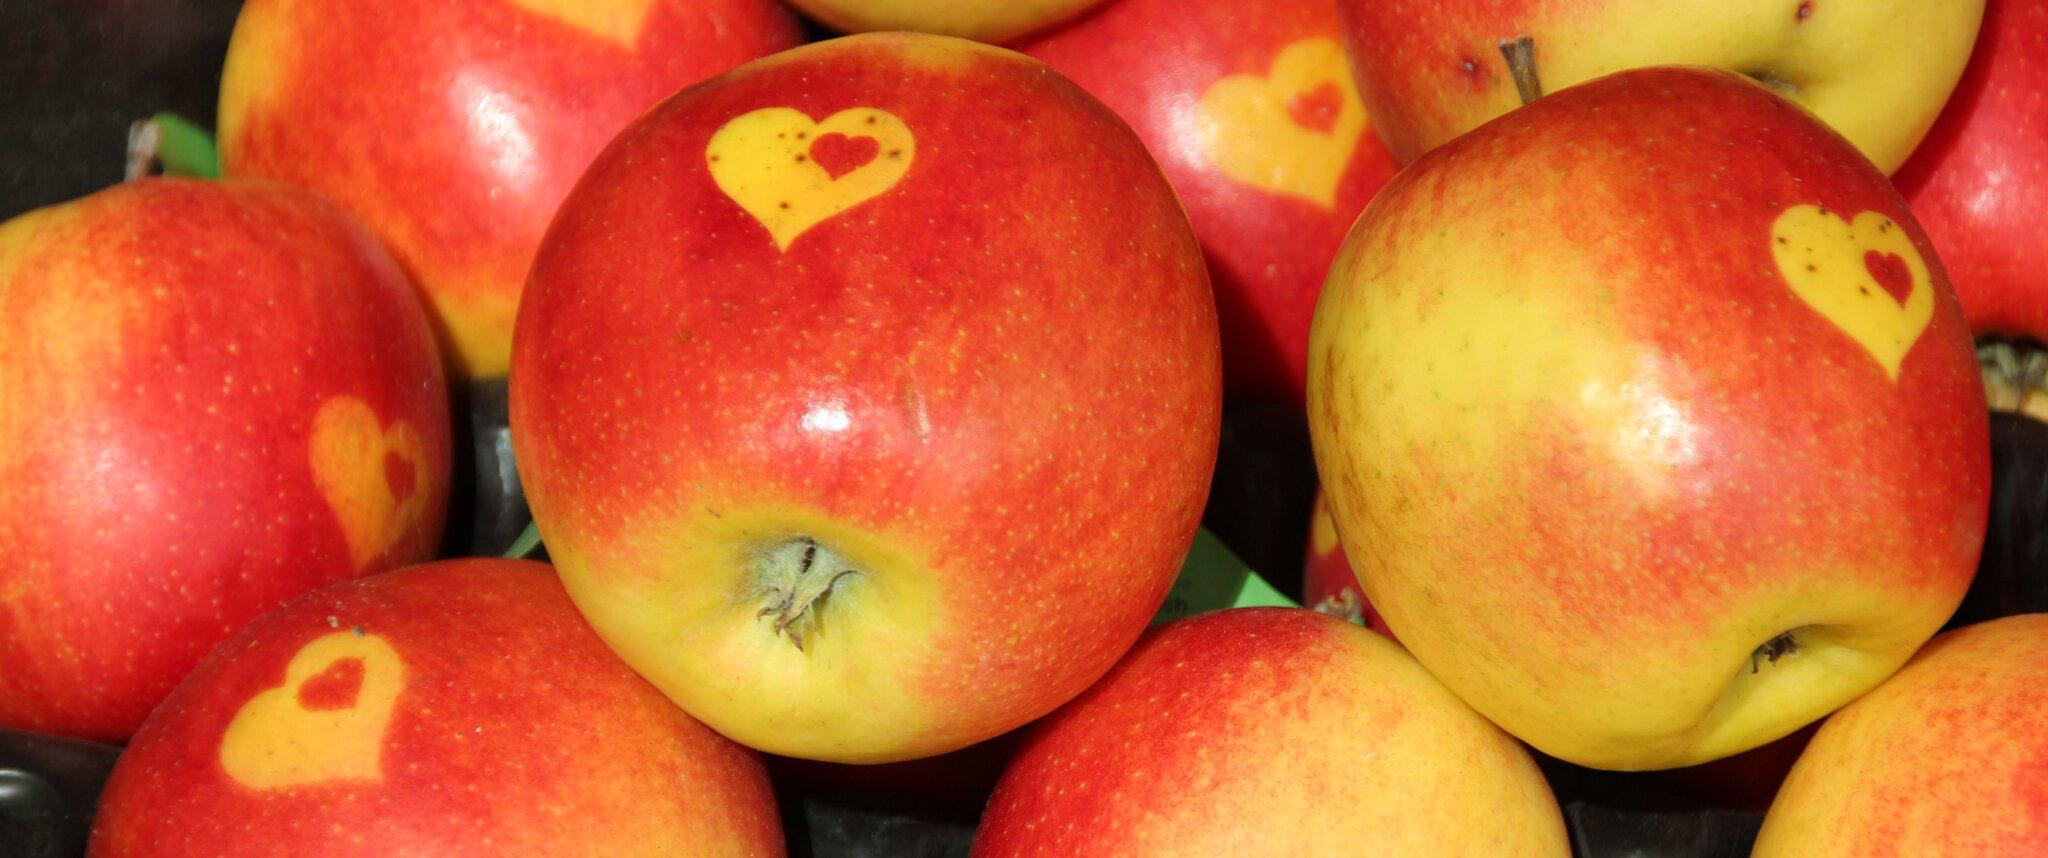 Jabłko Źródło: licencja: CC 0.